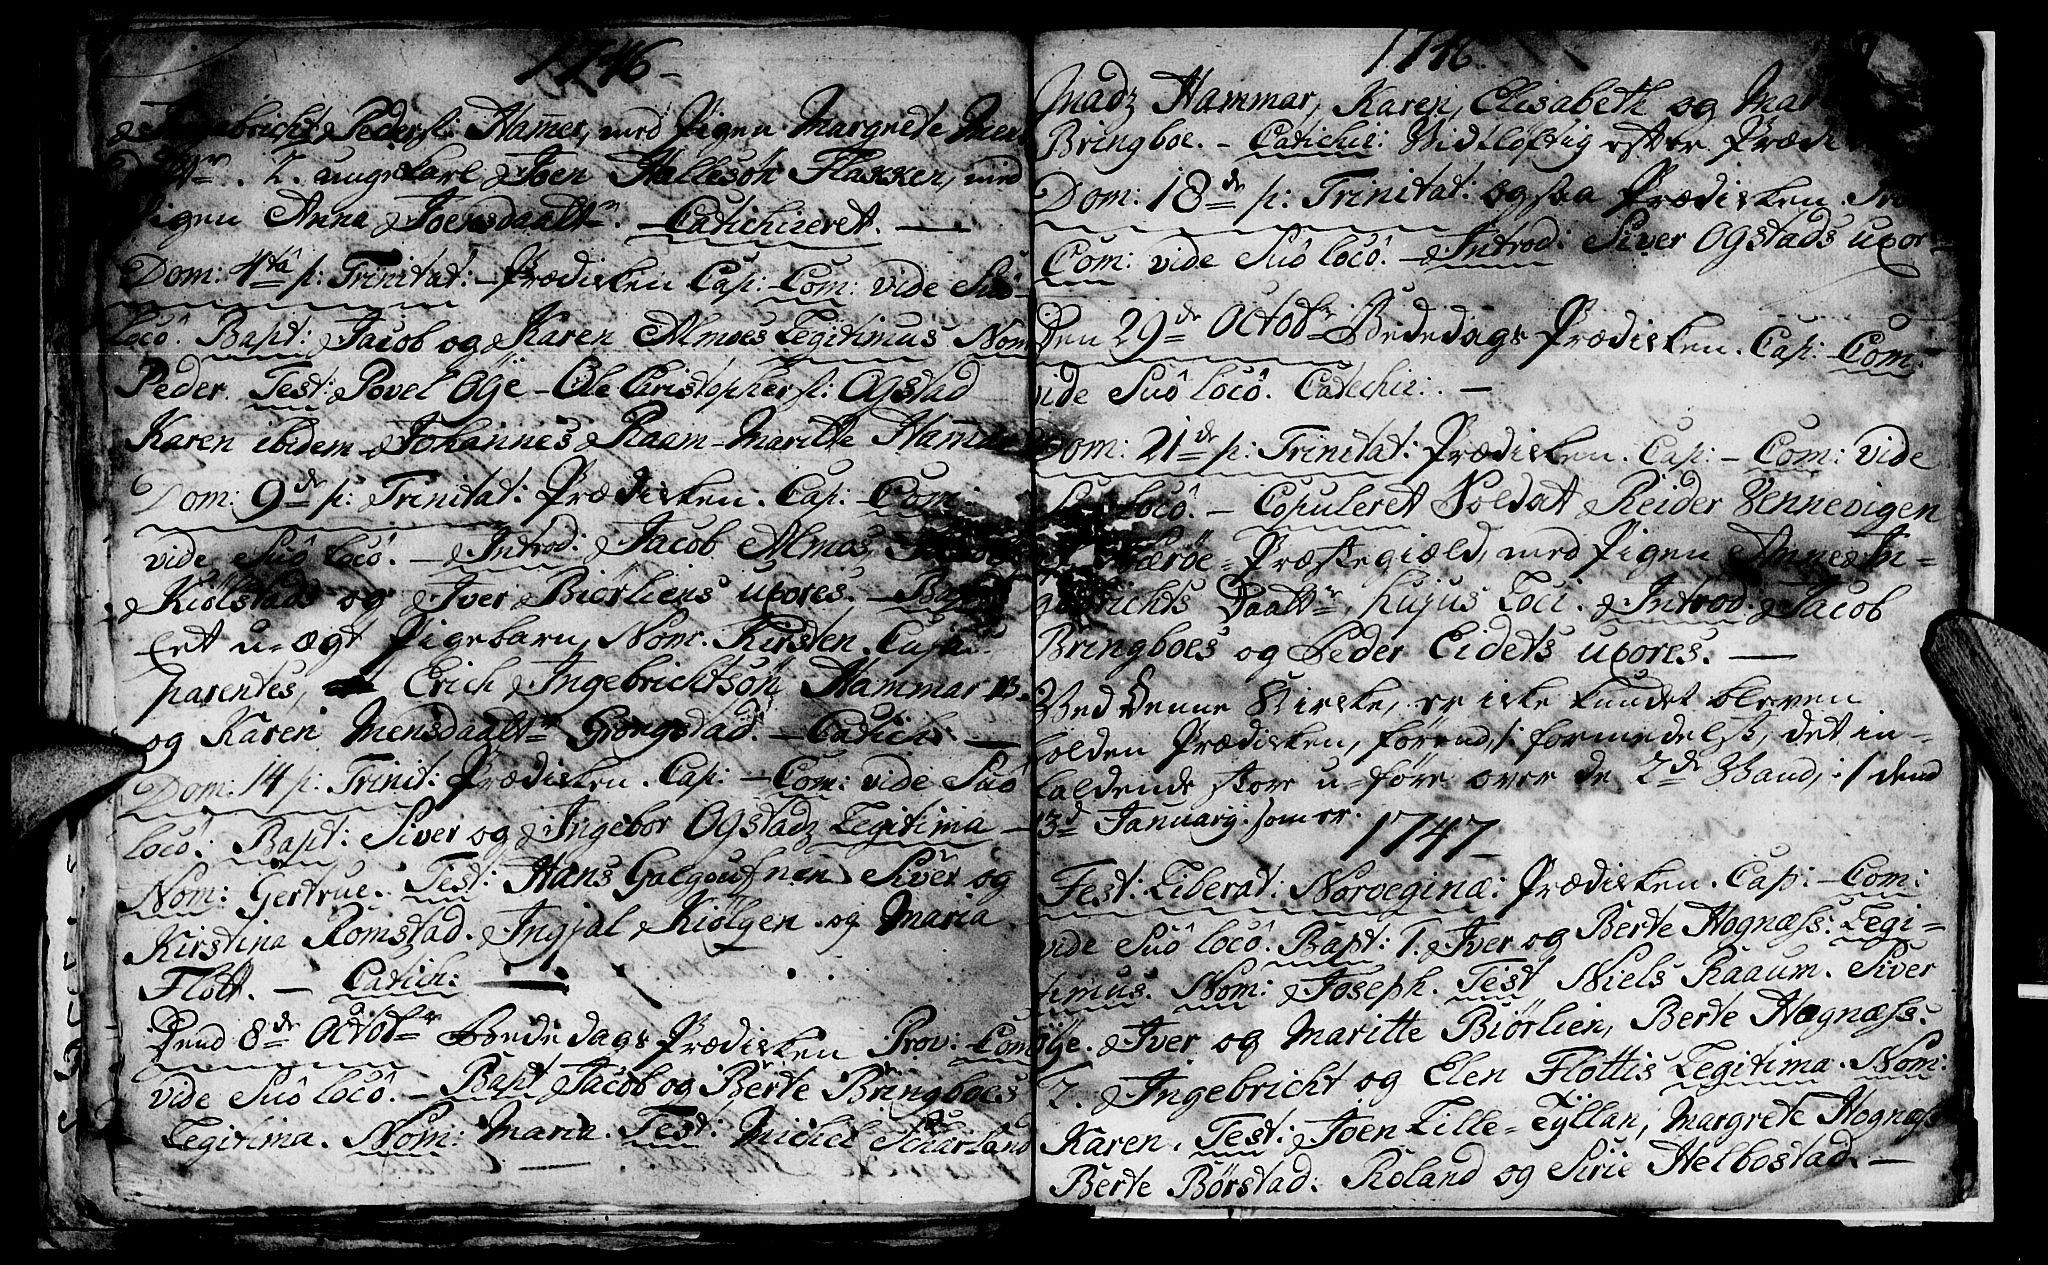 SAT, Ministerialprotokoller, klokkerbøker og fødselsregistre - Nord-Trøndelag, 765/L0560: Ministerialbok nr. 765A01, 1706-1748, s. 37